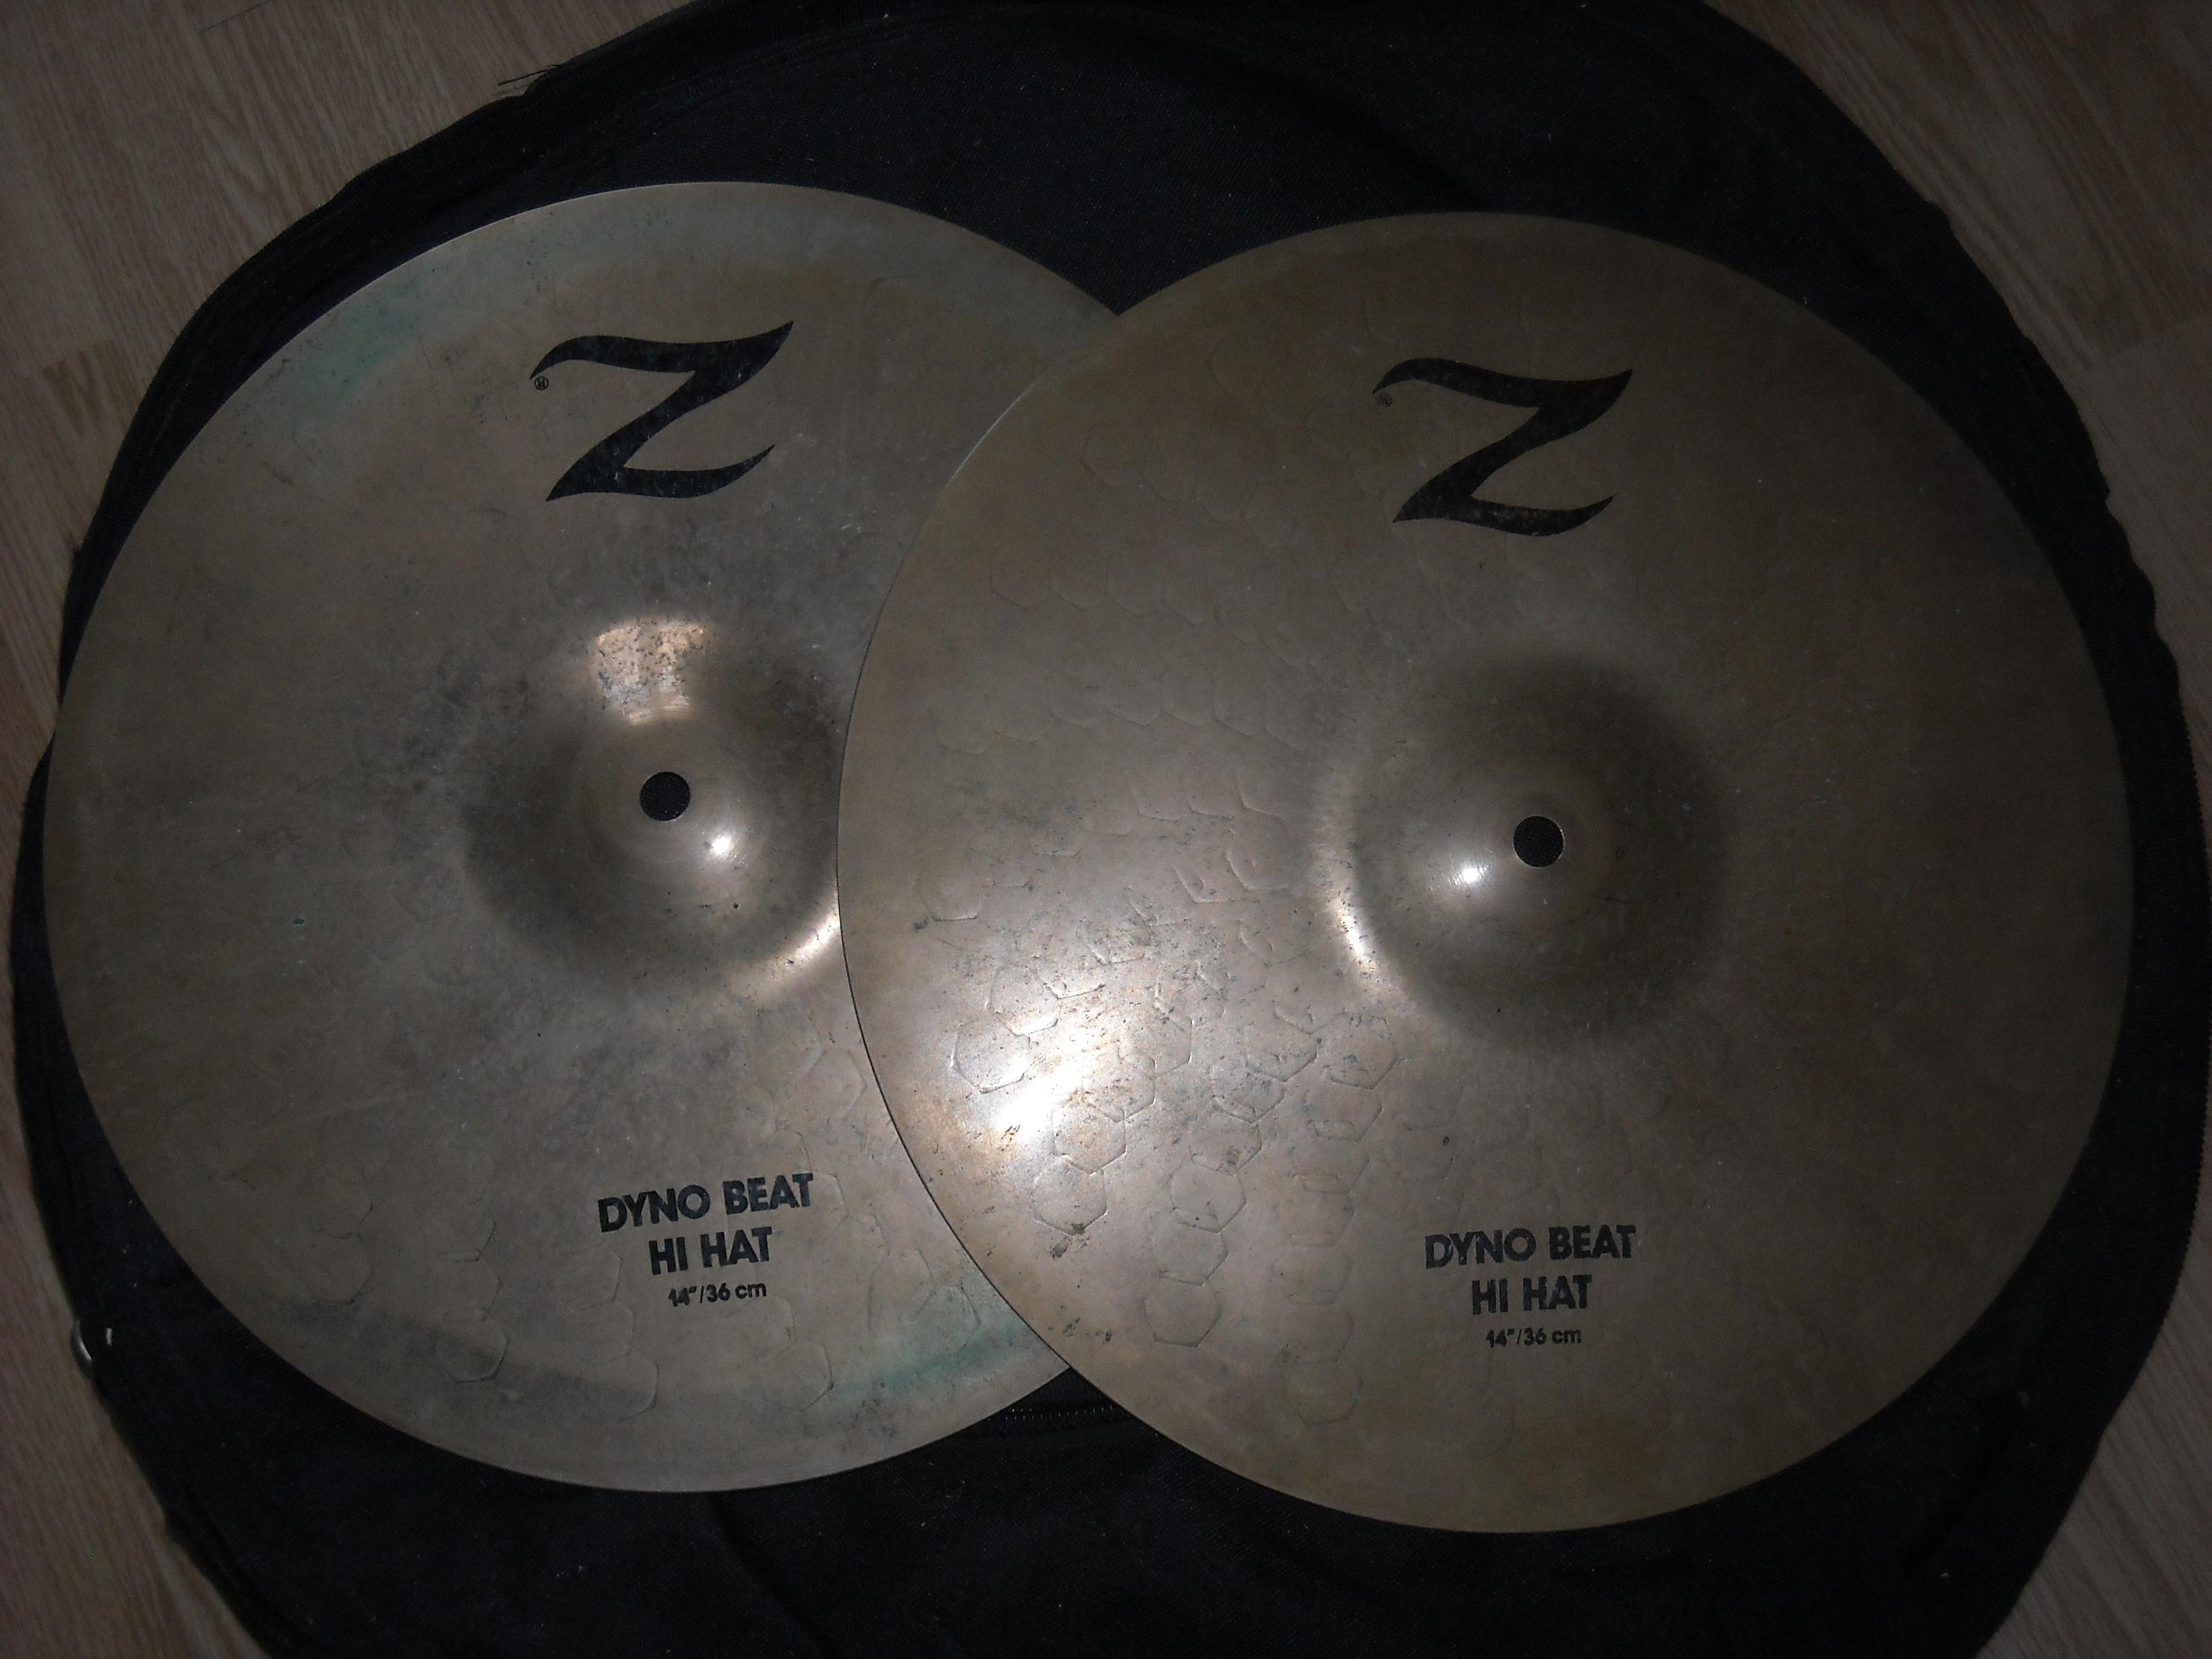 25fbc8d4c18 Z Custom Dyno Beat Hihat 14